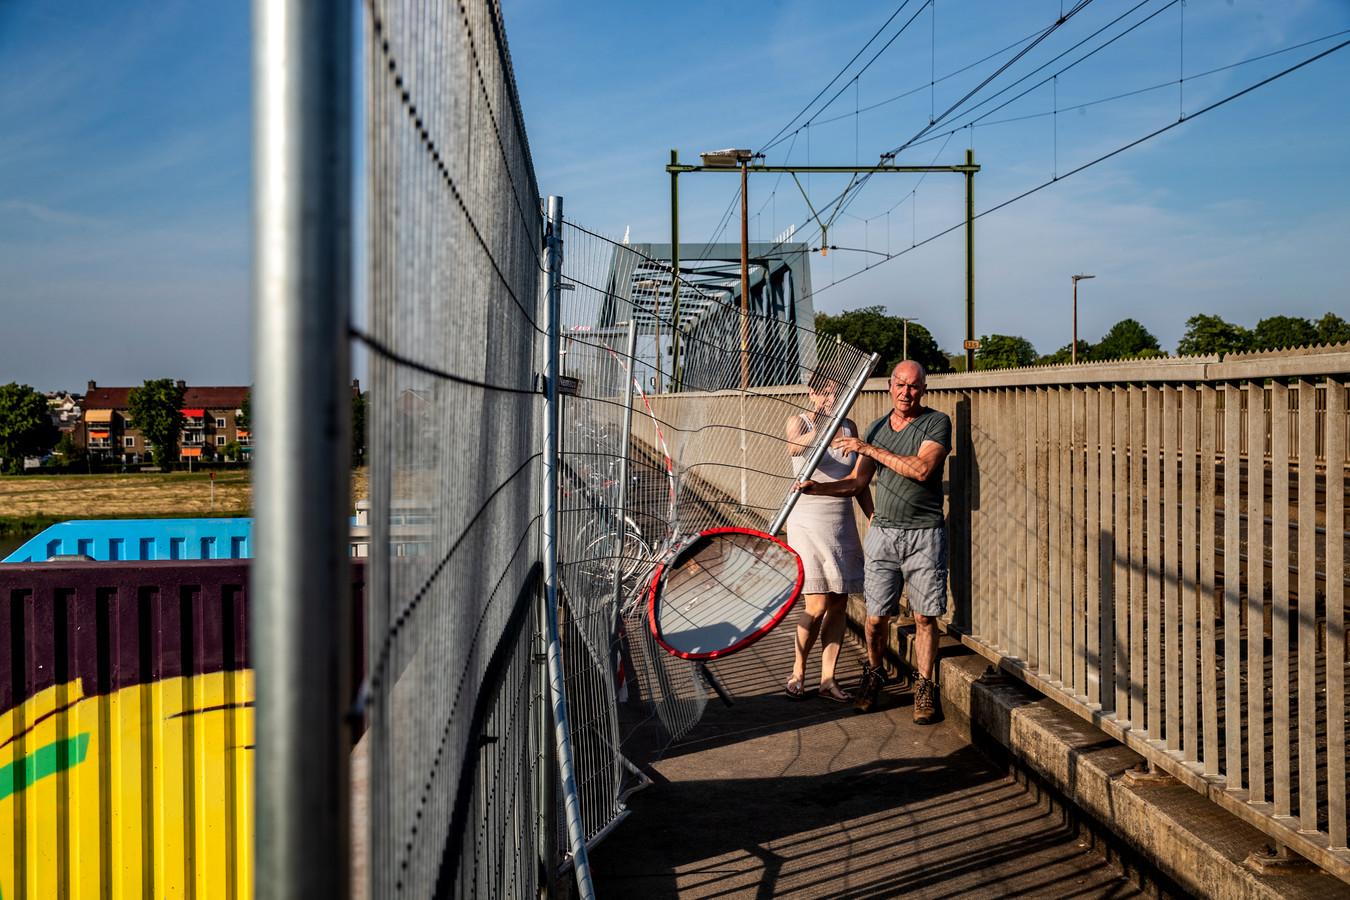 Kieran Behan kruipt behendig langs het opengevouwen hek op de spoorbrug. Het zou jongeren de weg naar de landtong moeten versperren. Veel effect heeft het alleen niet.